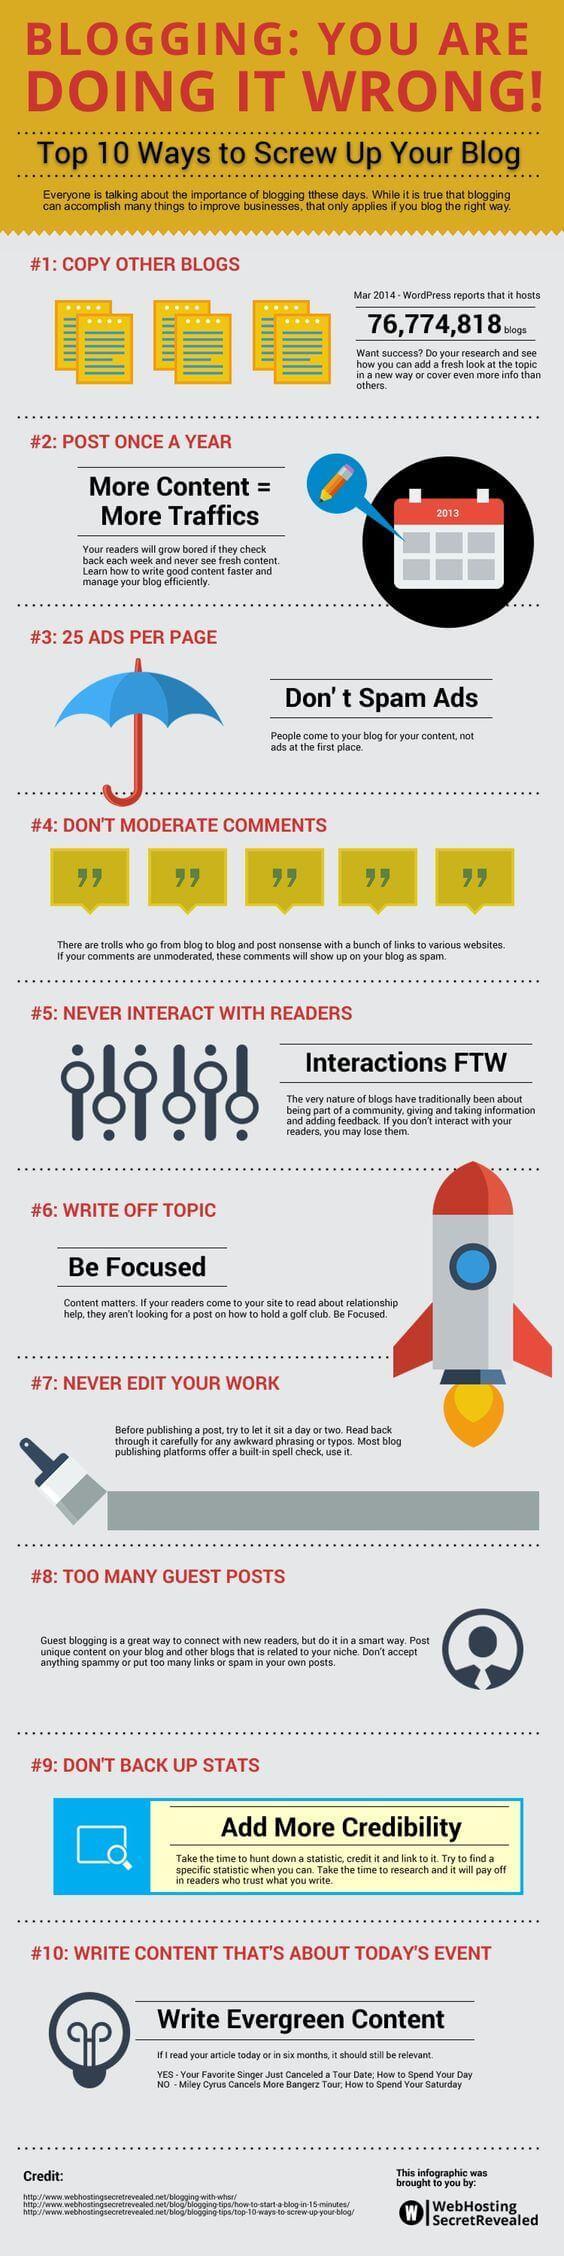 10 malas prácticas que arruinan un blog #infografía